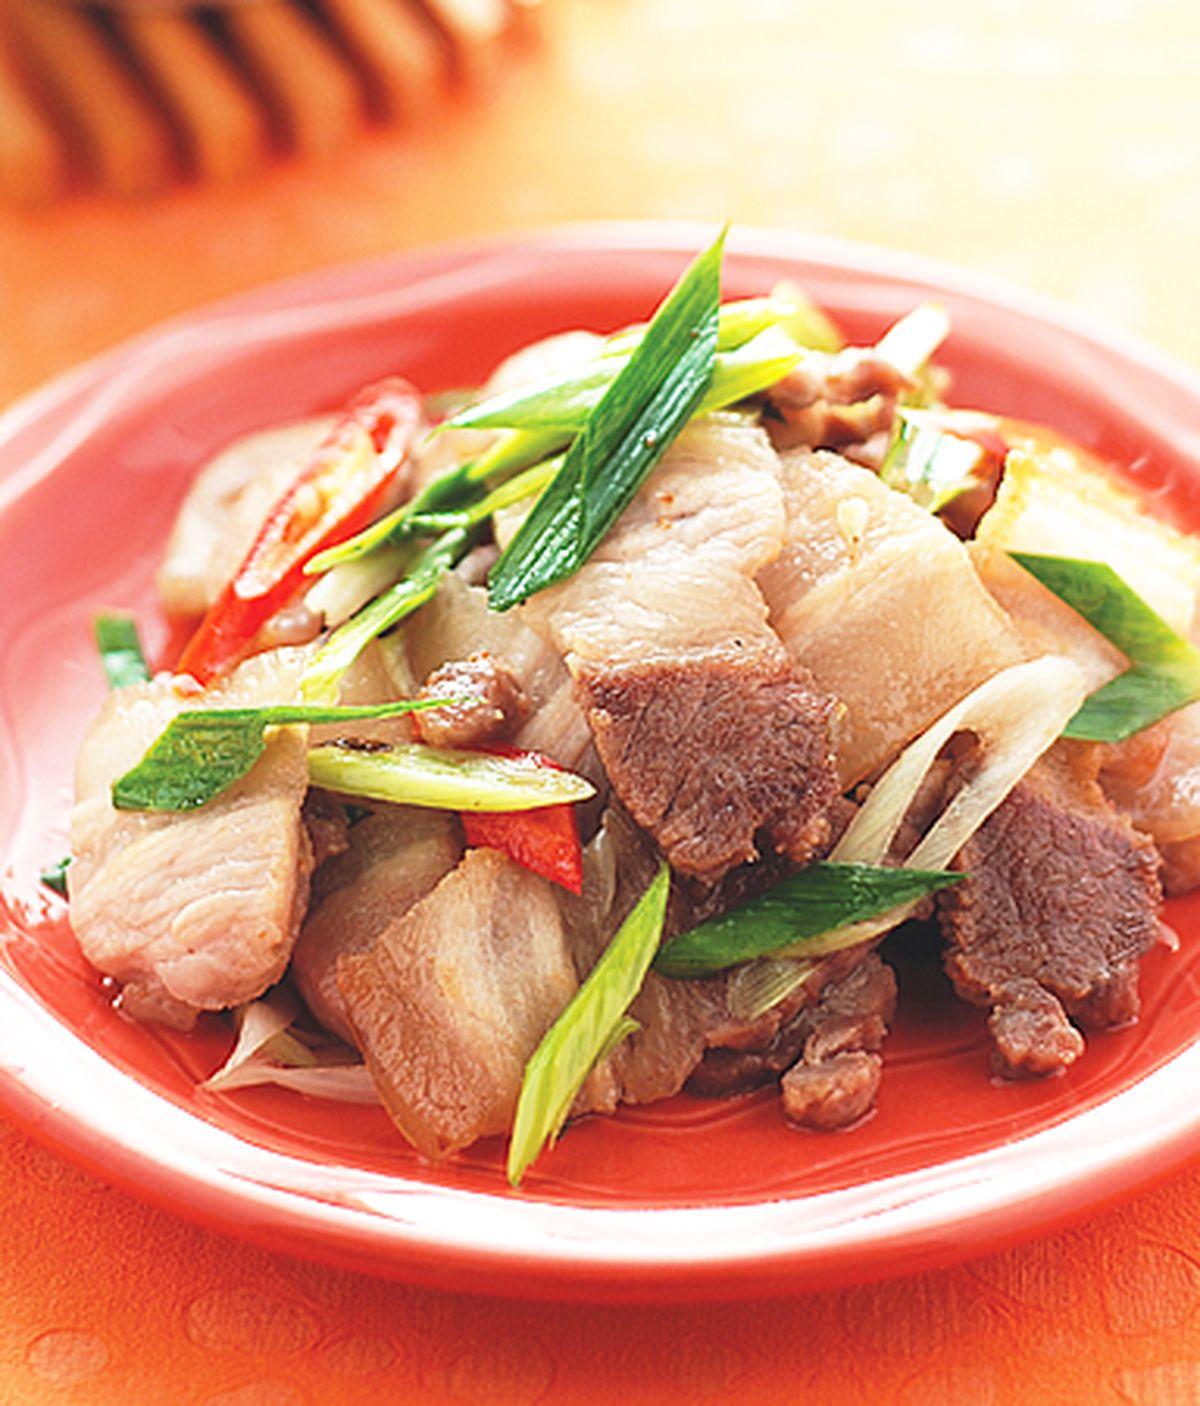 食譜:蒜苗炒五花肉